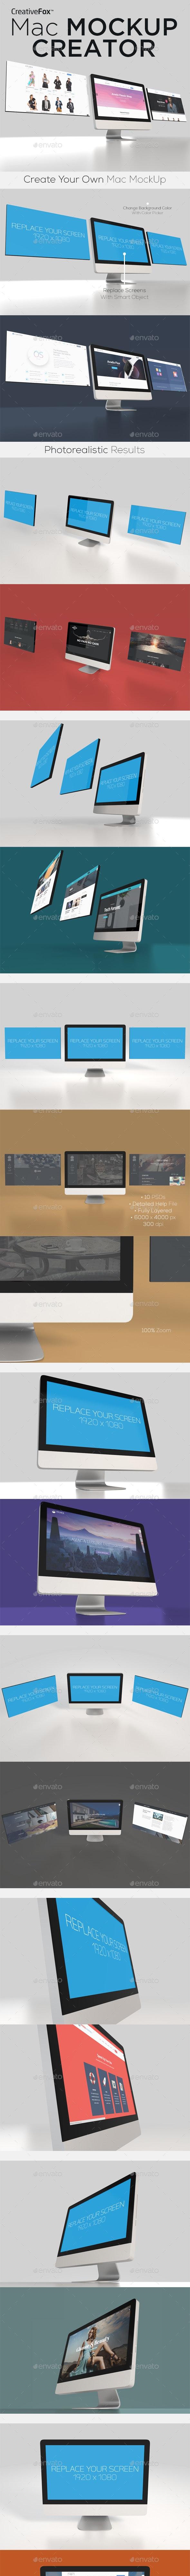 Mac Mockup Creator - Multiple Displays